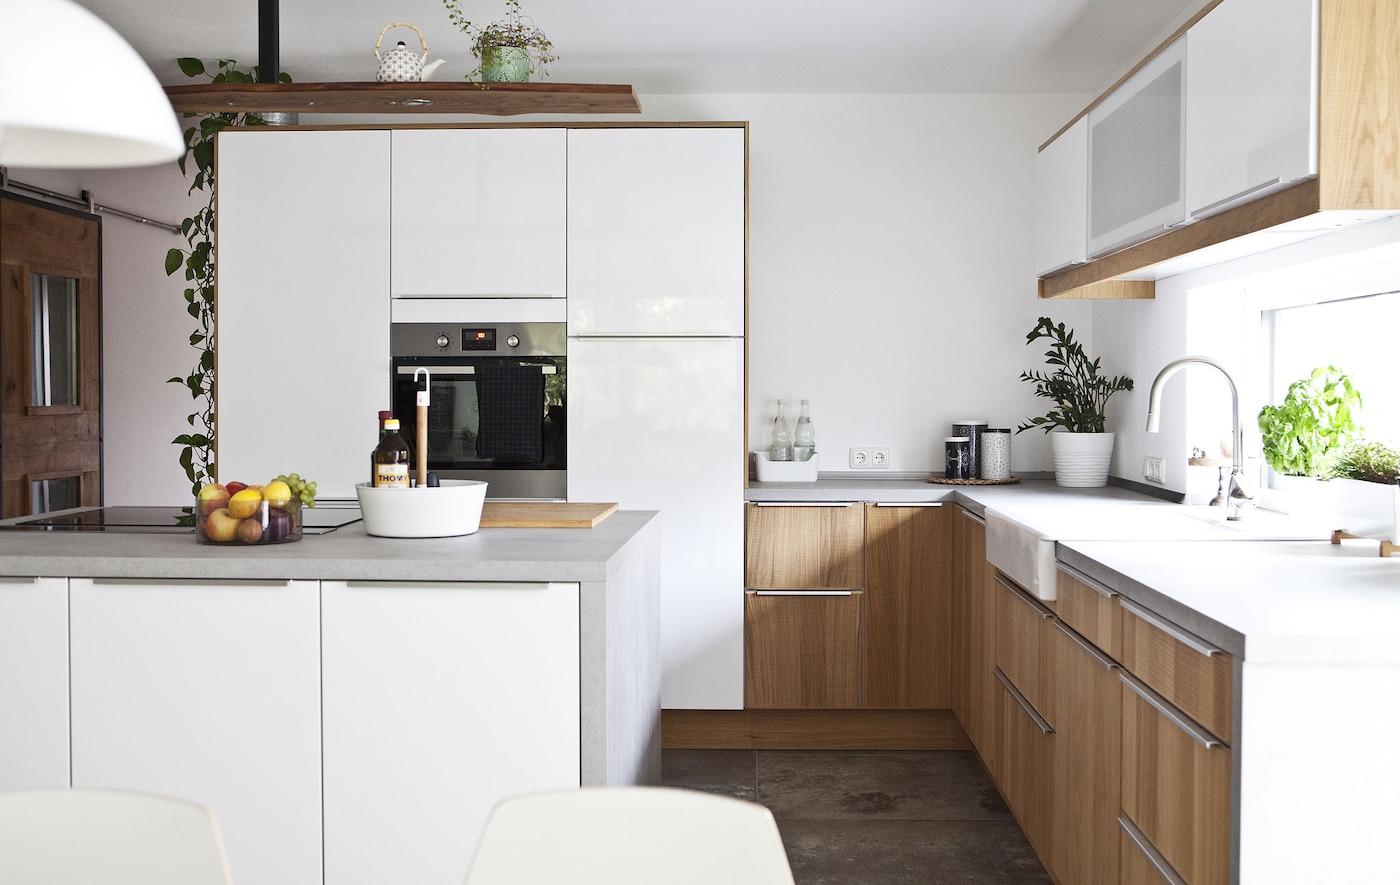 Consigli per arredare e organizzare la cucina - IKEA.